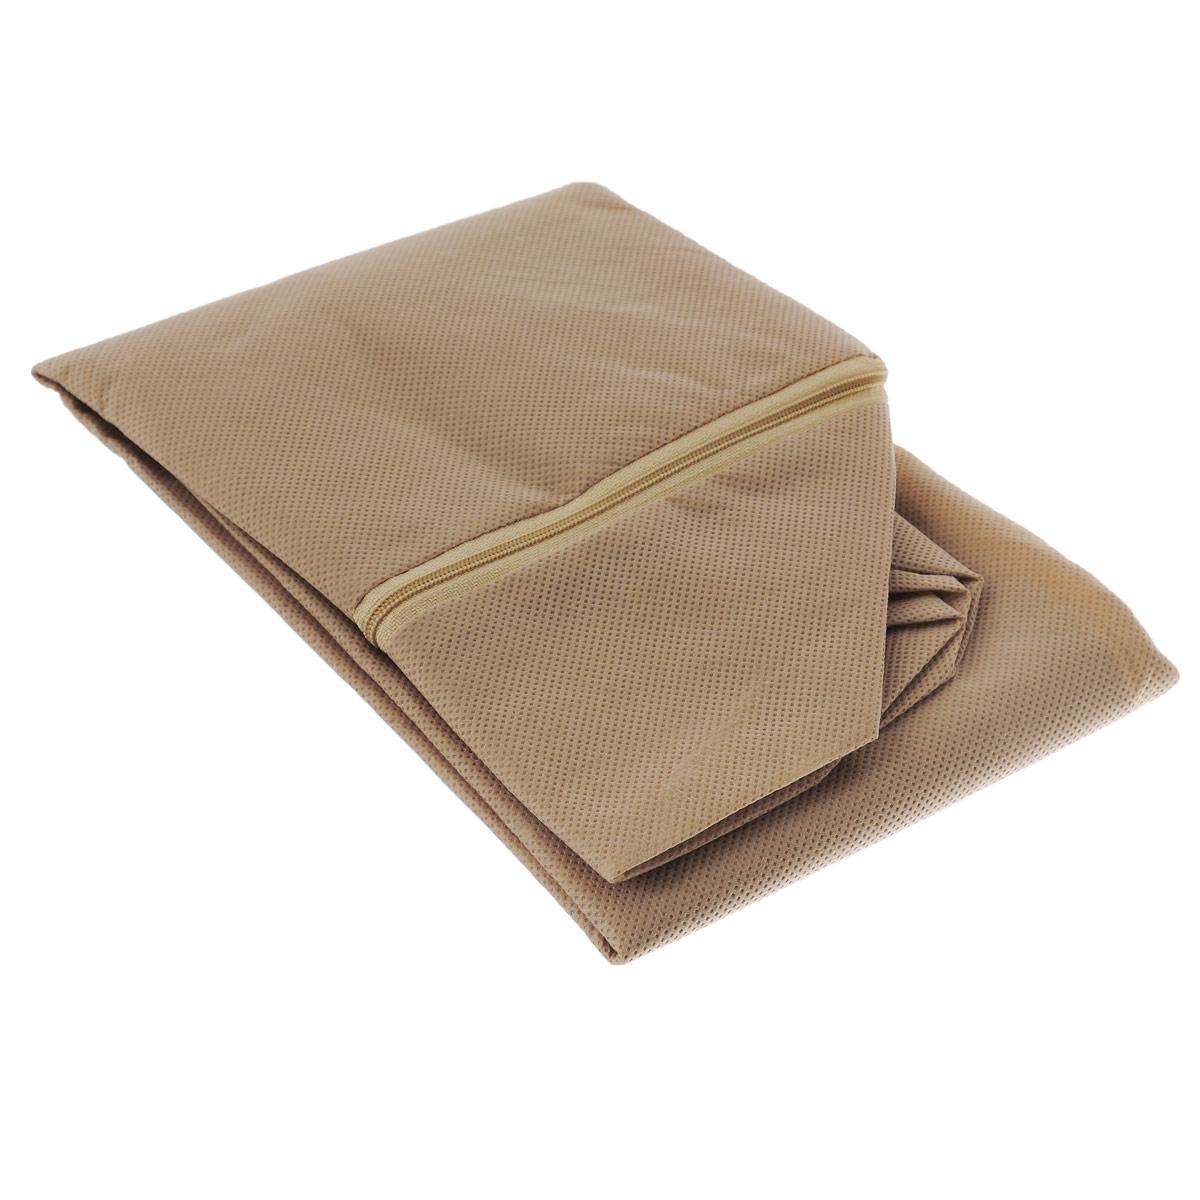 Чехол для хранения одеял Eva, цвет: бежевый, 60 см х 40 см х 20 смЕ52Чехол Eva изготовлен из ППР и ПВХ и предназначен для хранения одеял. Нетканый материал чехла пропускает воздух, что позволяет изделиям дышать. Это особенно необходимо для изделий из натуральных материалов. Благодаря такому чехлу, вещи не впитывают посторонние запахи. Застегивается на застежку-молнию.Материал: ППР, ПВХ.